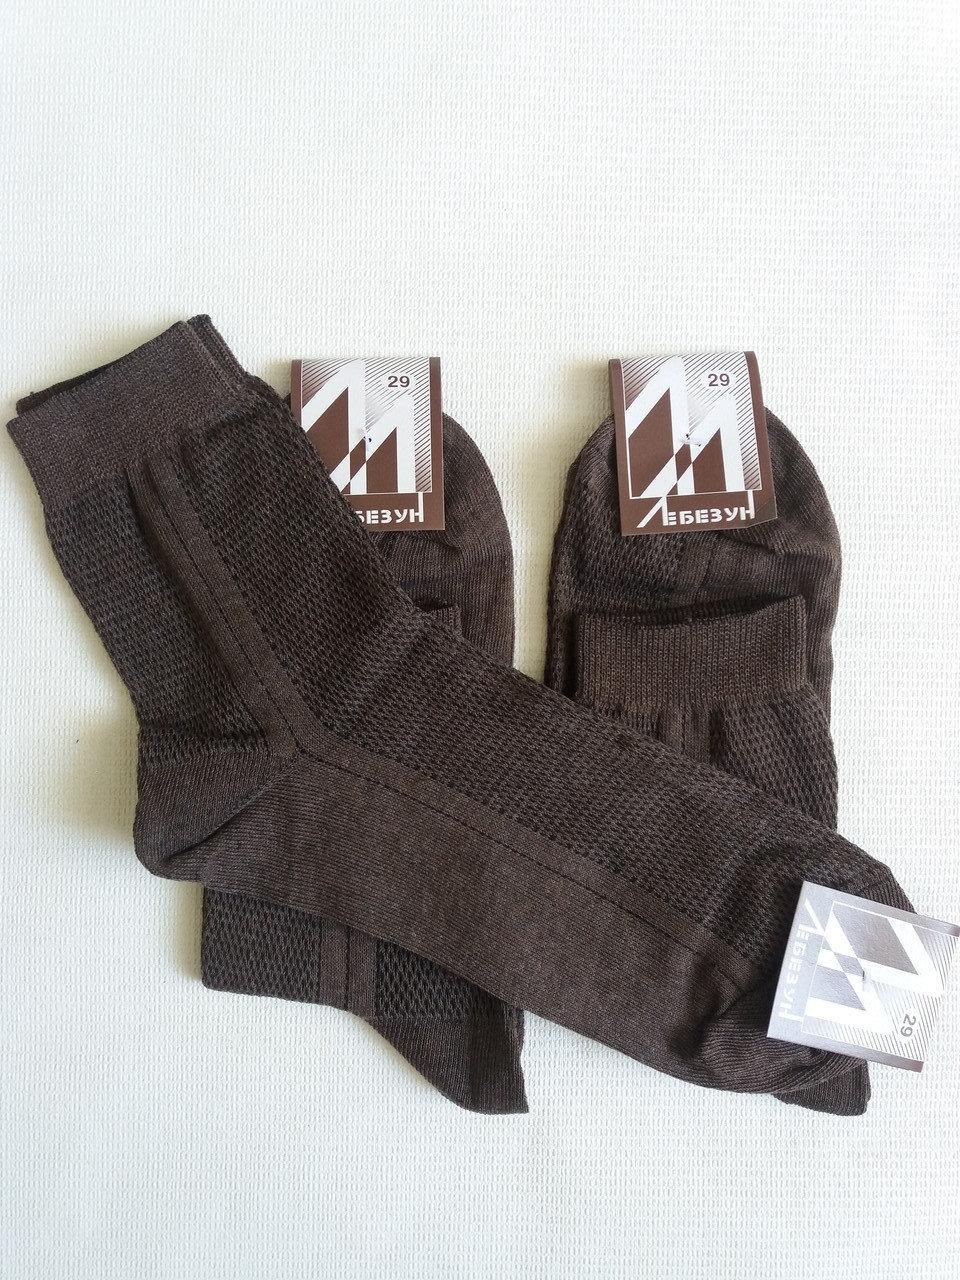 Носки мужские хлопок сеточка высокие р.29 коричневый. От 10 пар по 4,80грн